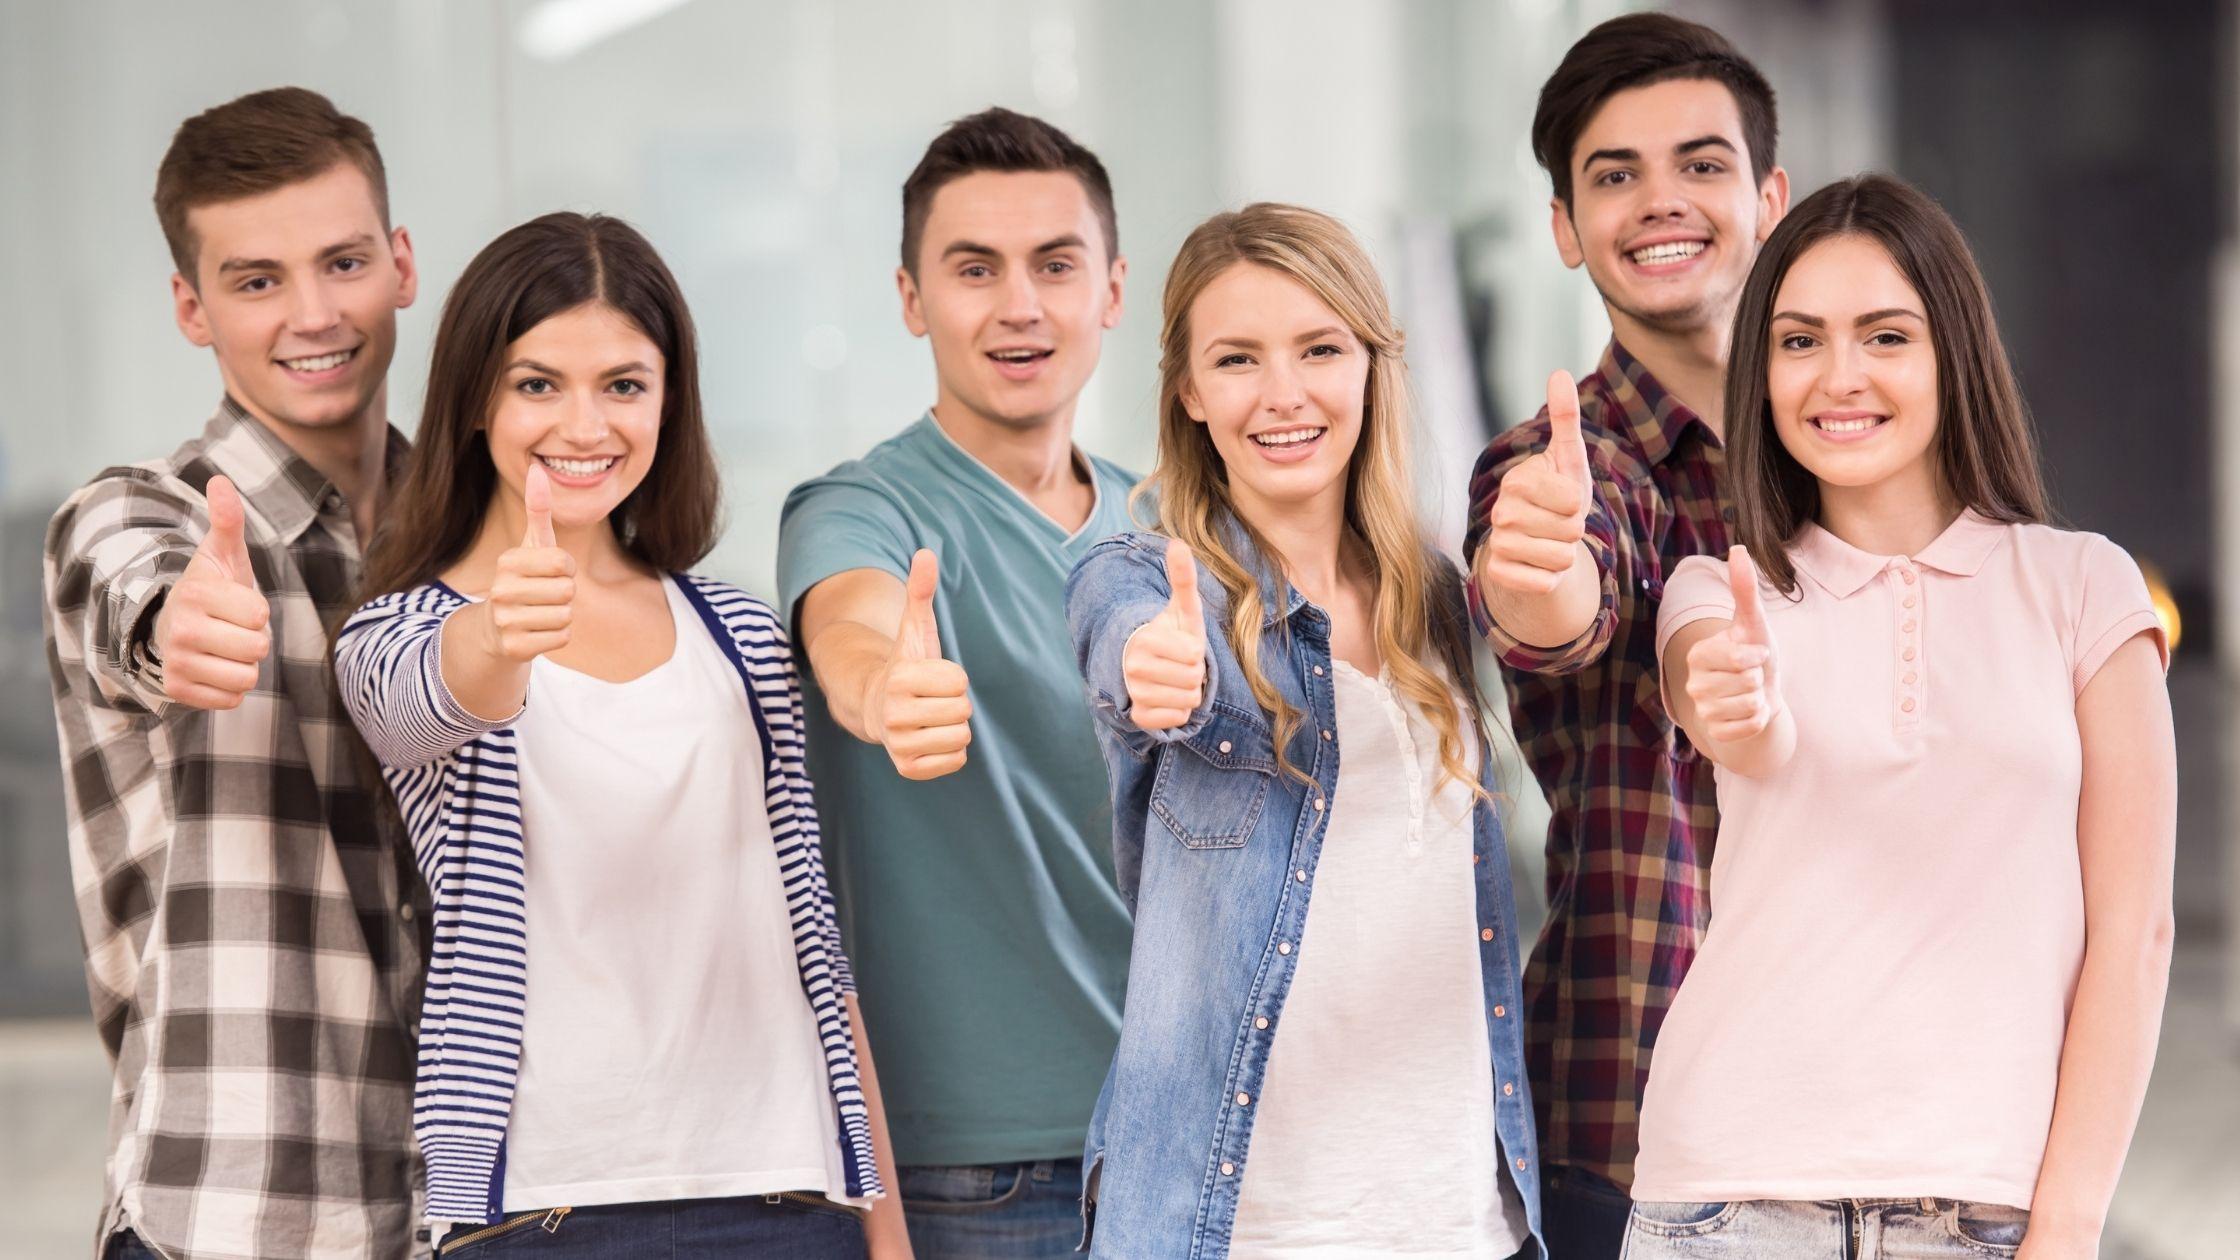 A imagem do artigo 'Como aumentar a auto-confiança' mostra 6 pessoas. Há 3 raparigas e 3 rapazes a mostrar um gesto de sucesso enquanto fazem o sinal dos polegares para cima.